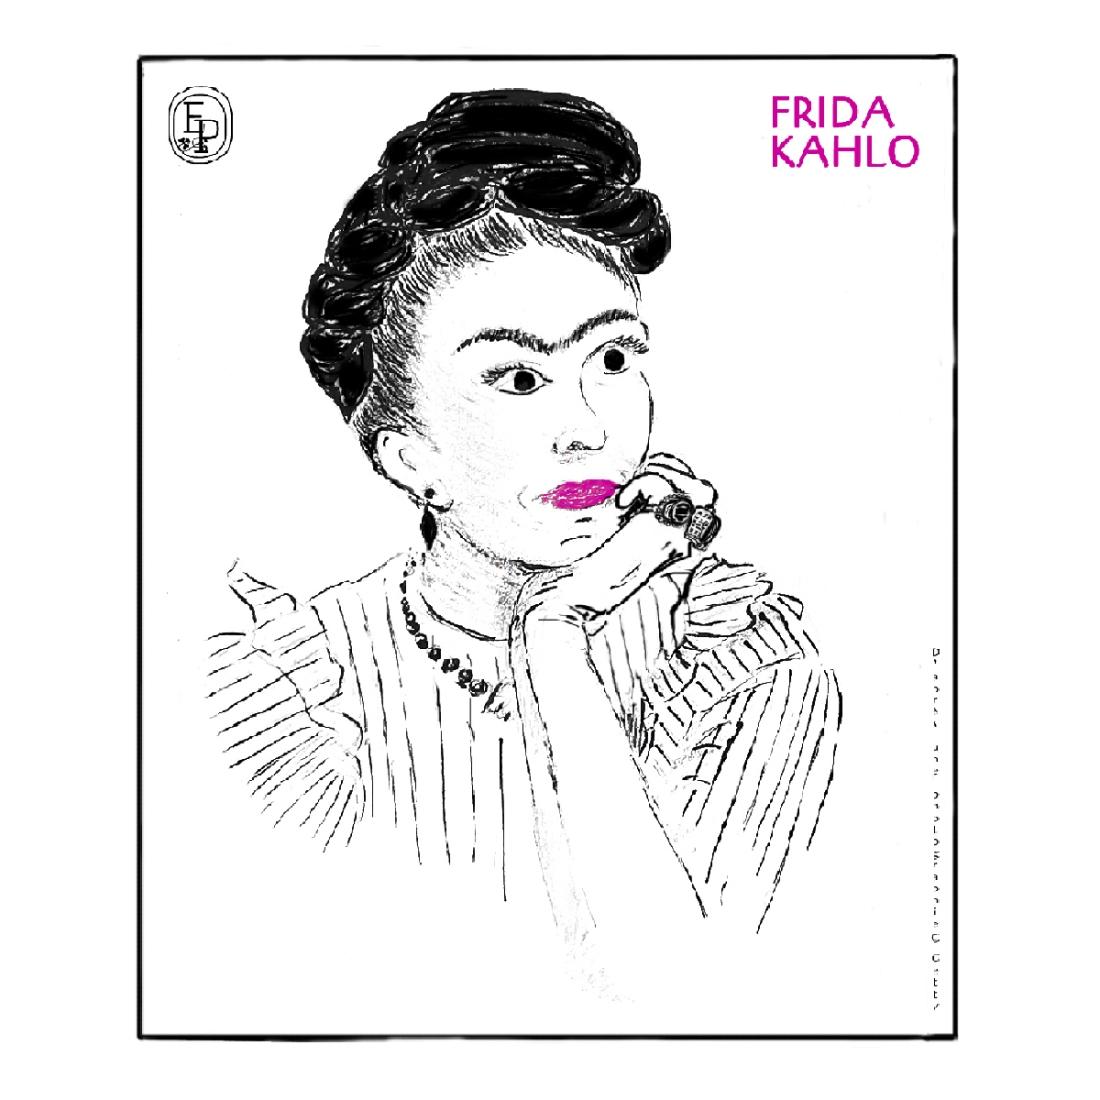 Frida kahlo Soin des sens © Emilie Pruvost